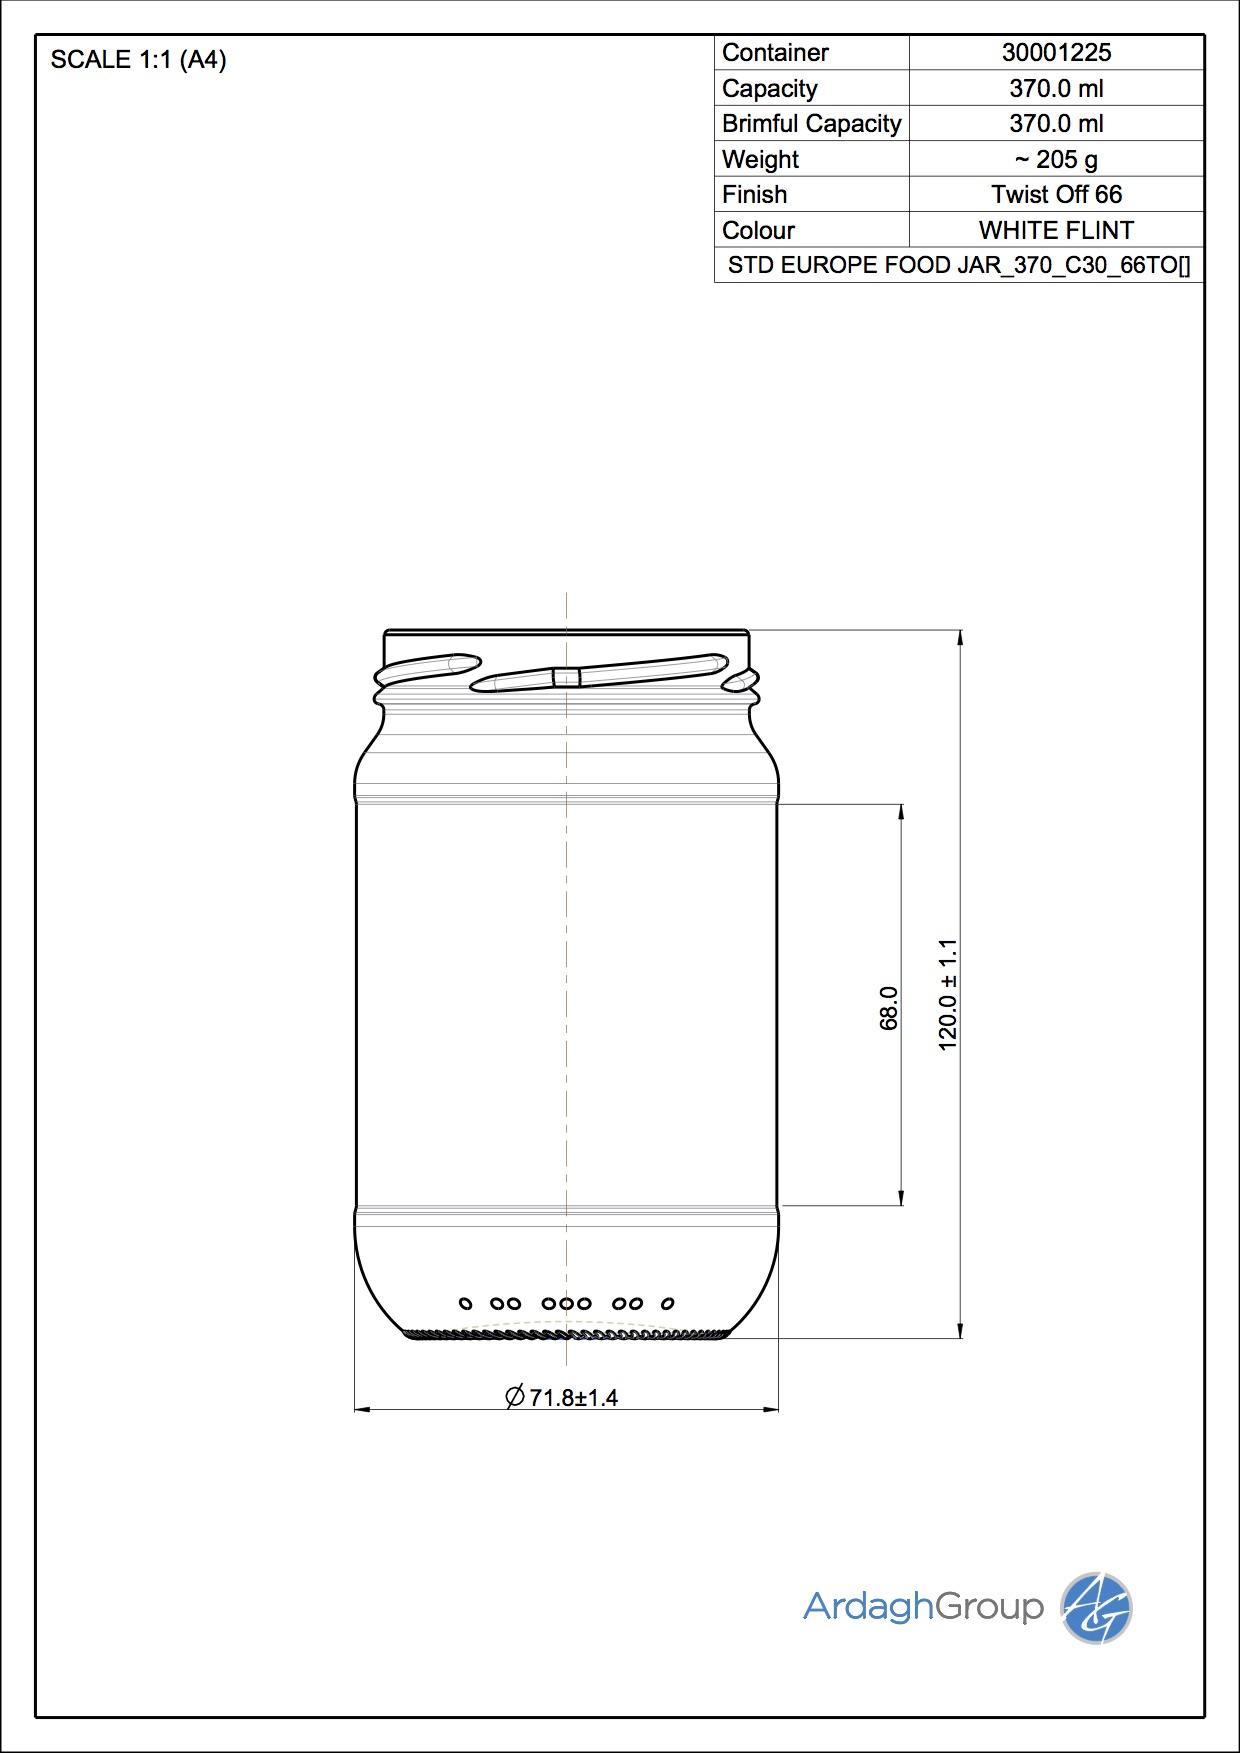 370ml flint glass Europe food jar